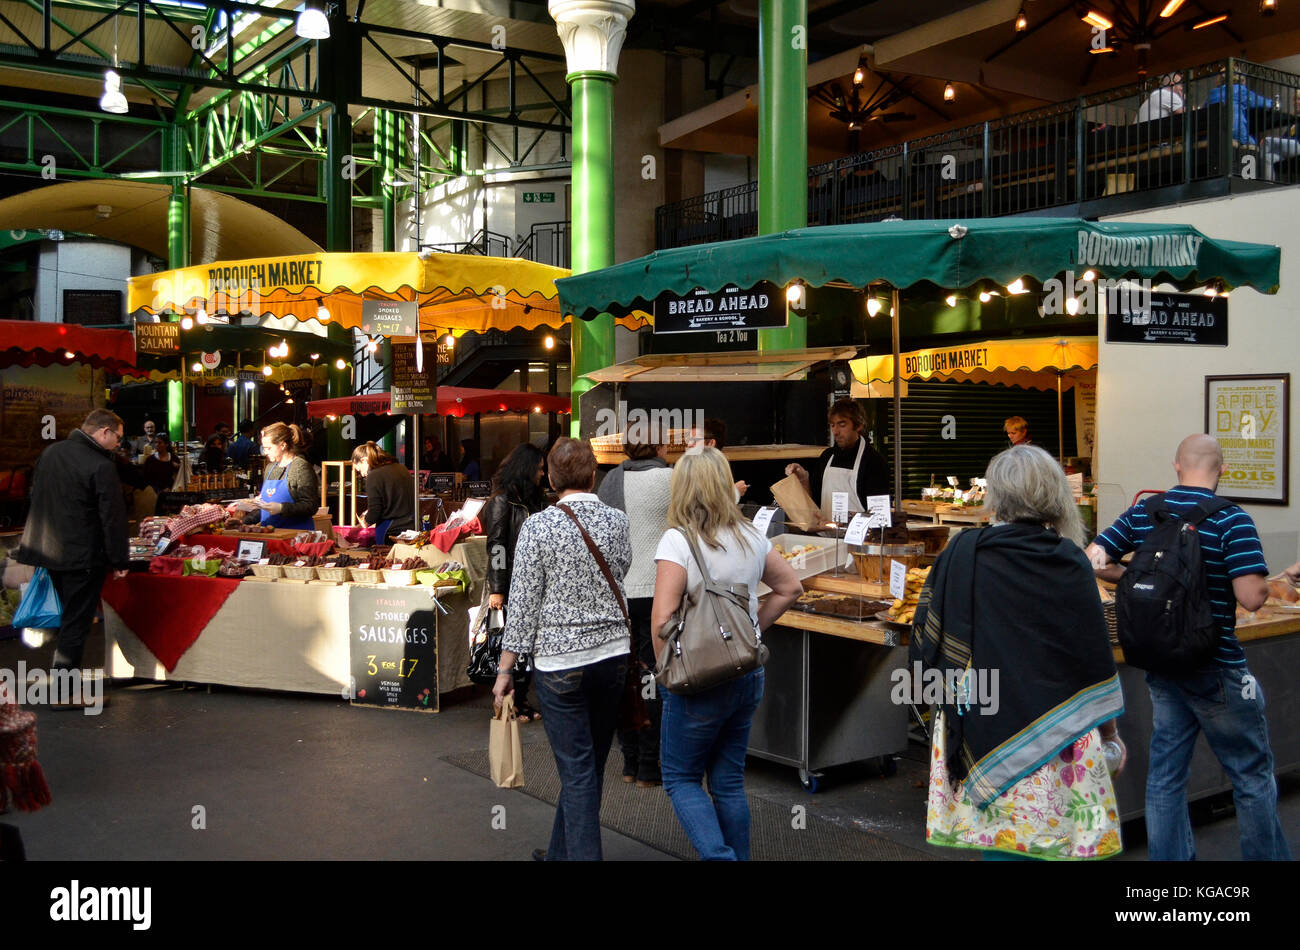 Borough Market, London, UK. - Stock Image